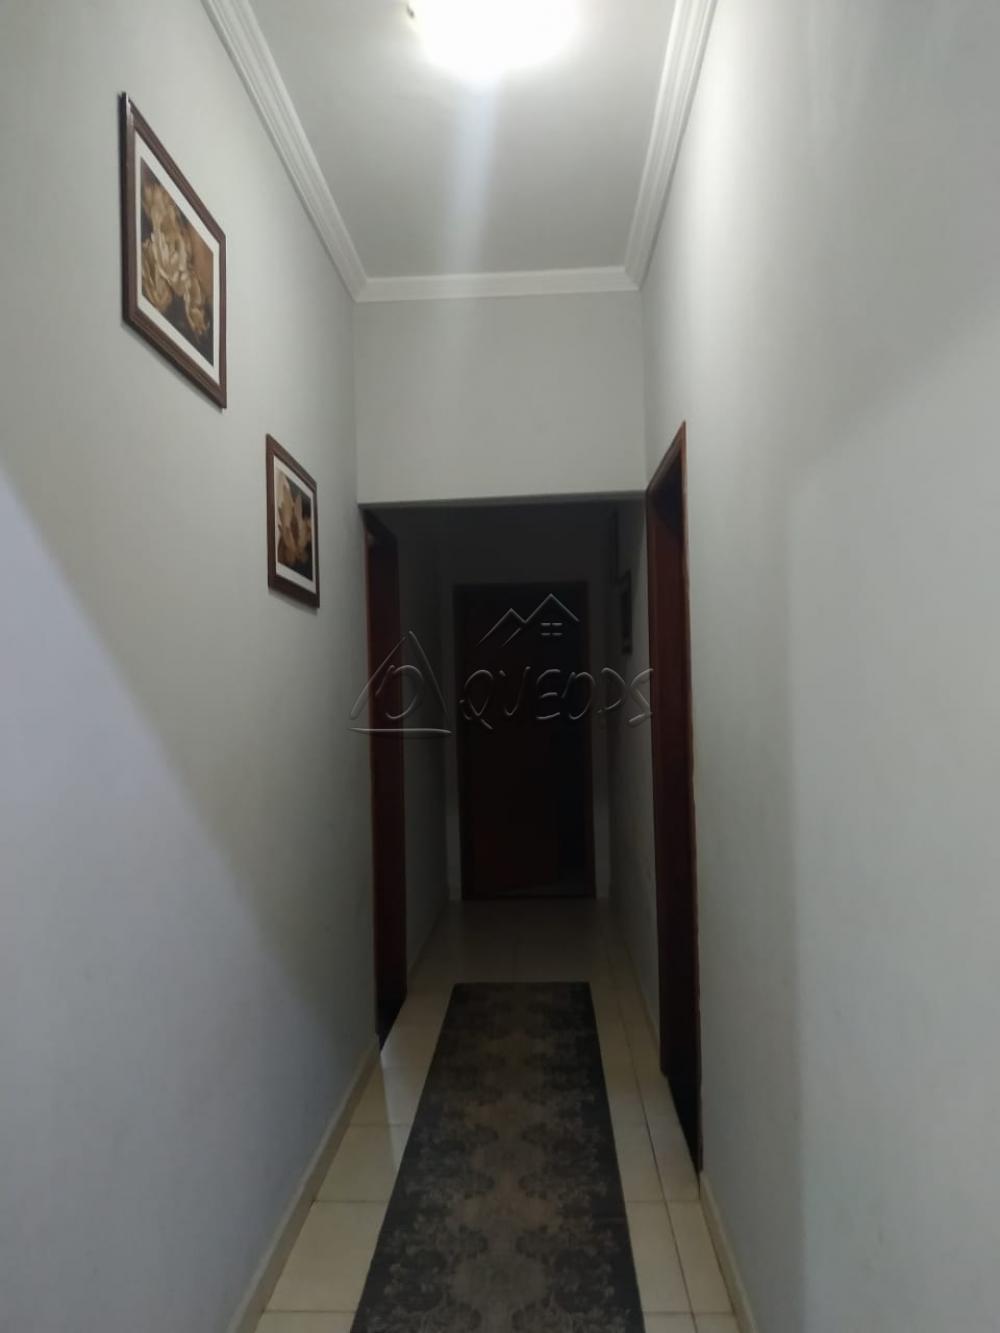 Comprar Casa / Padrão em Barretos apenas R$ 270.000,00 - Foto 9